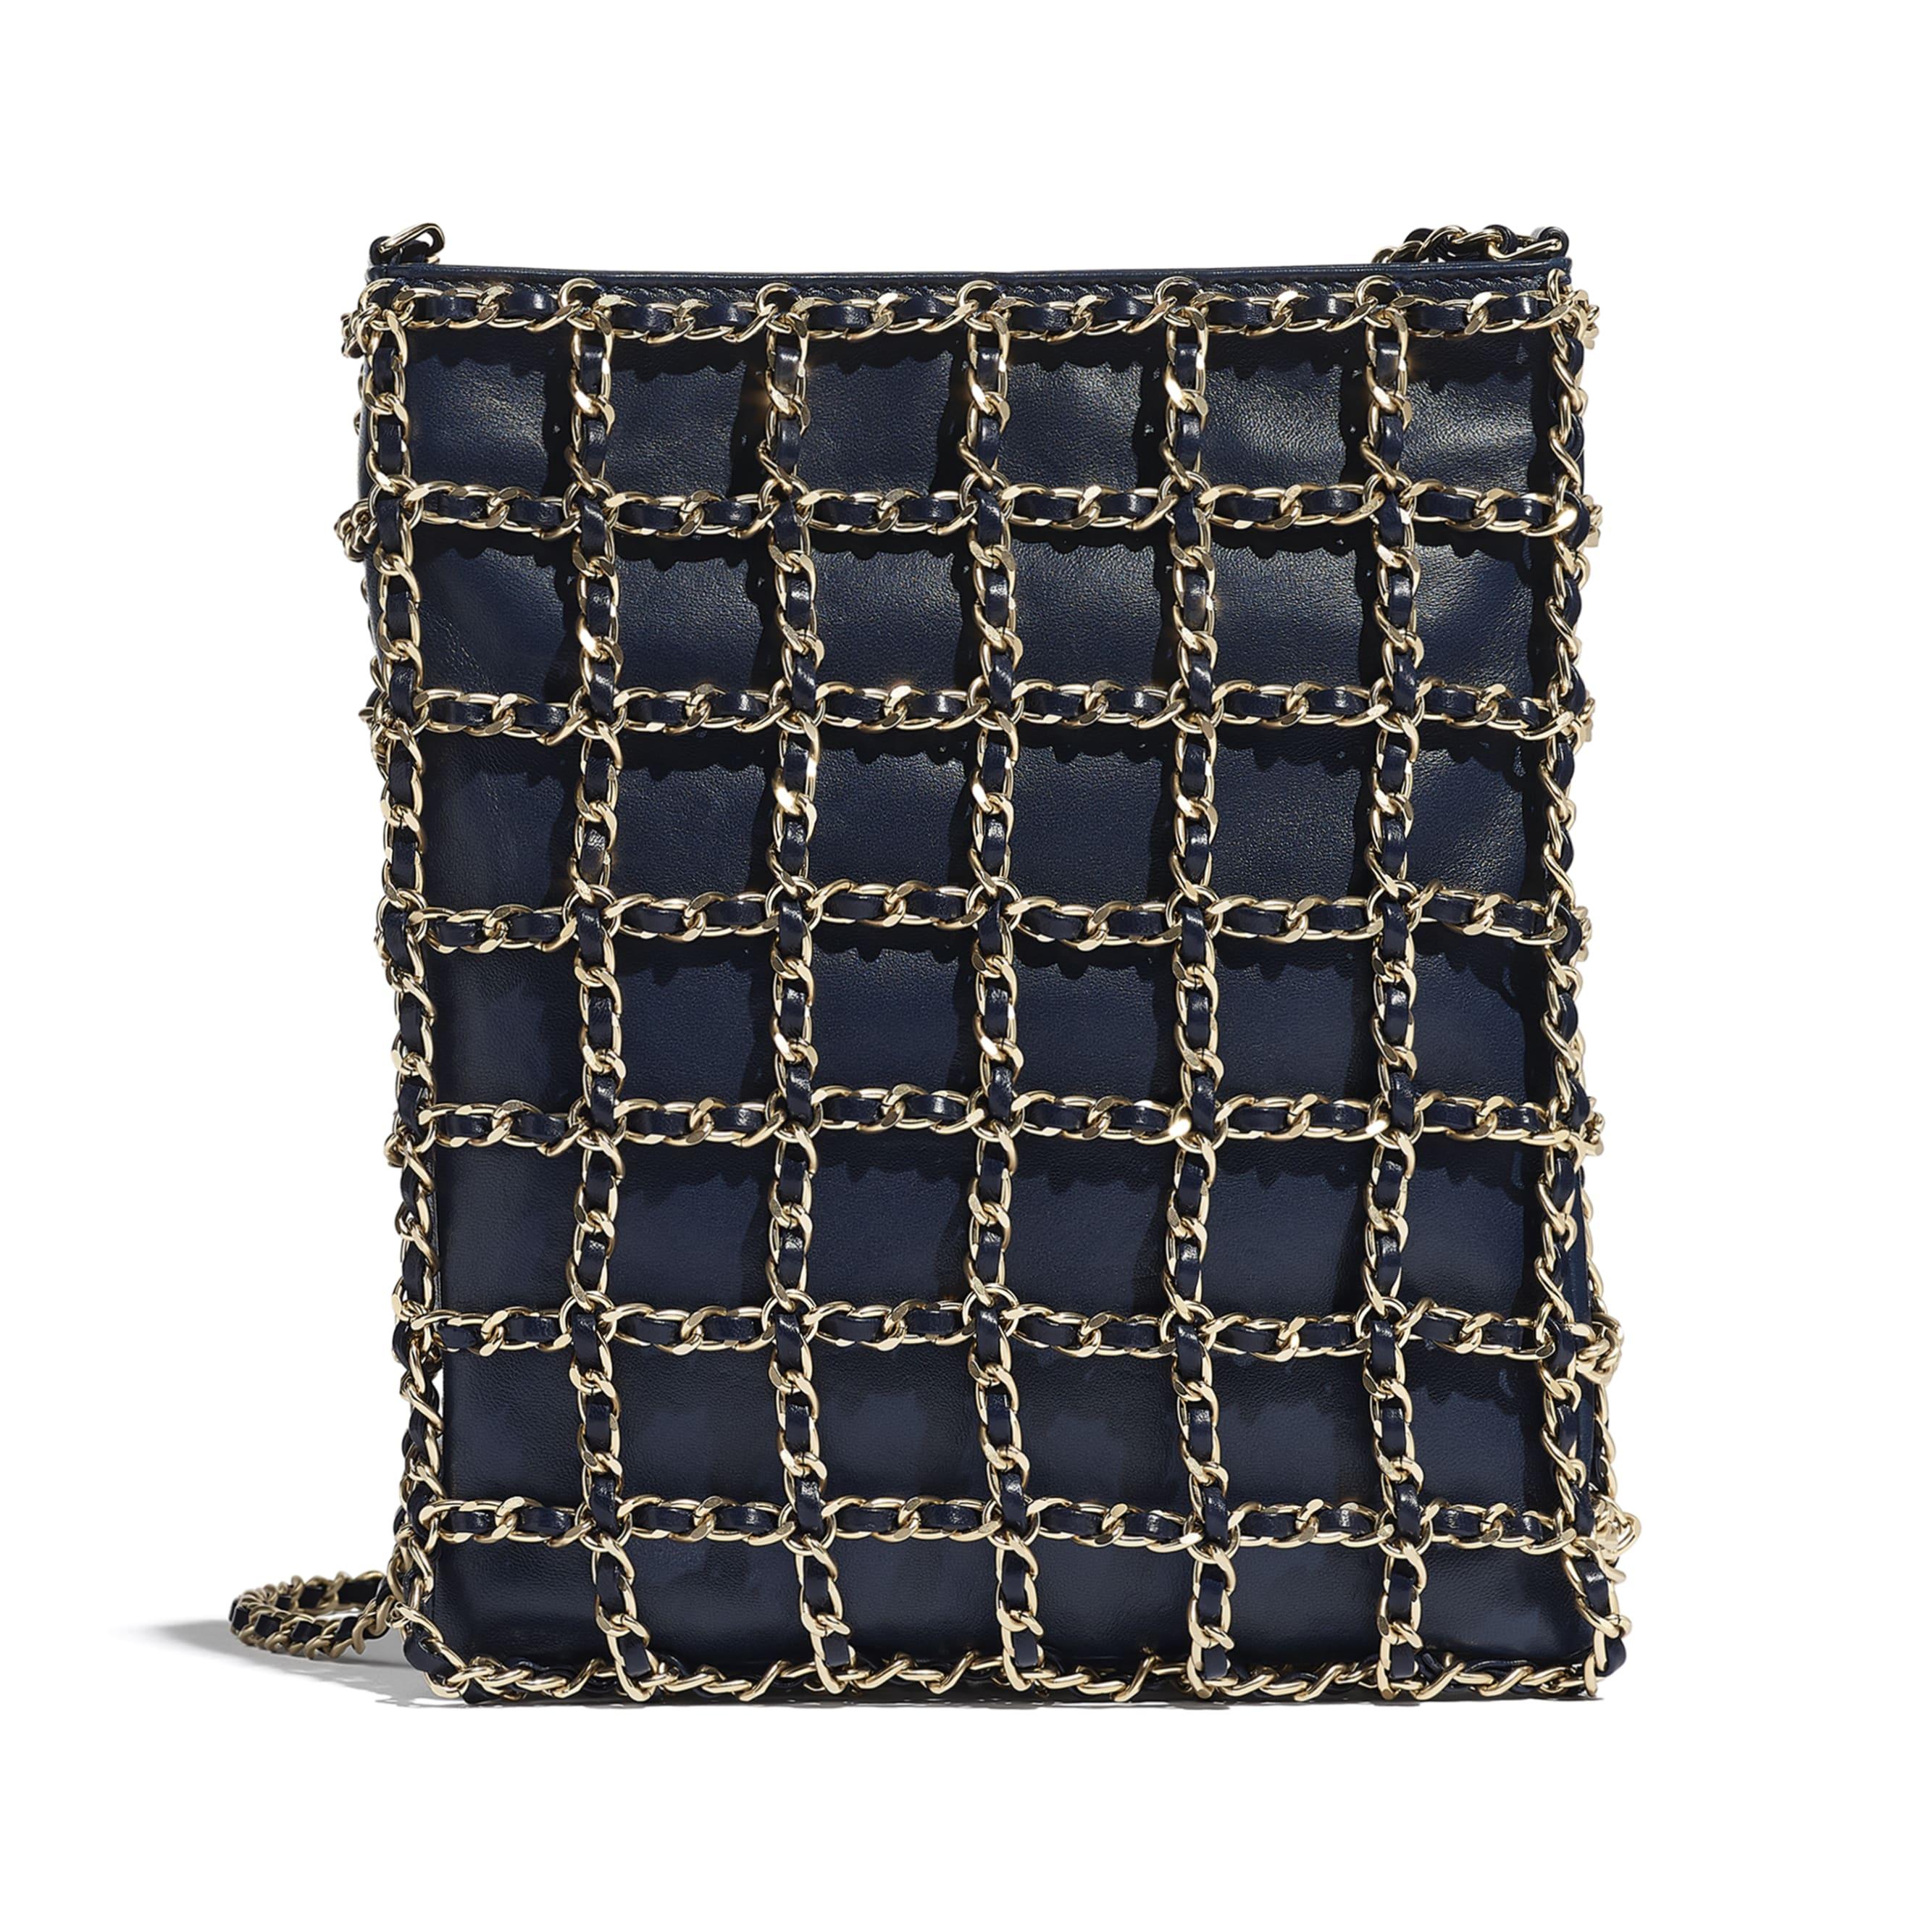 小型購物包 - 海軍藍 - 小羊皮與金色金屬 - CHANEL - 替代視圖 - 查看標準尺寸版本